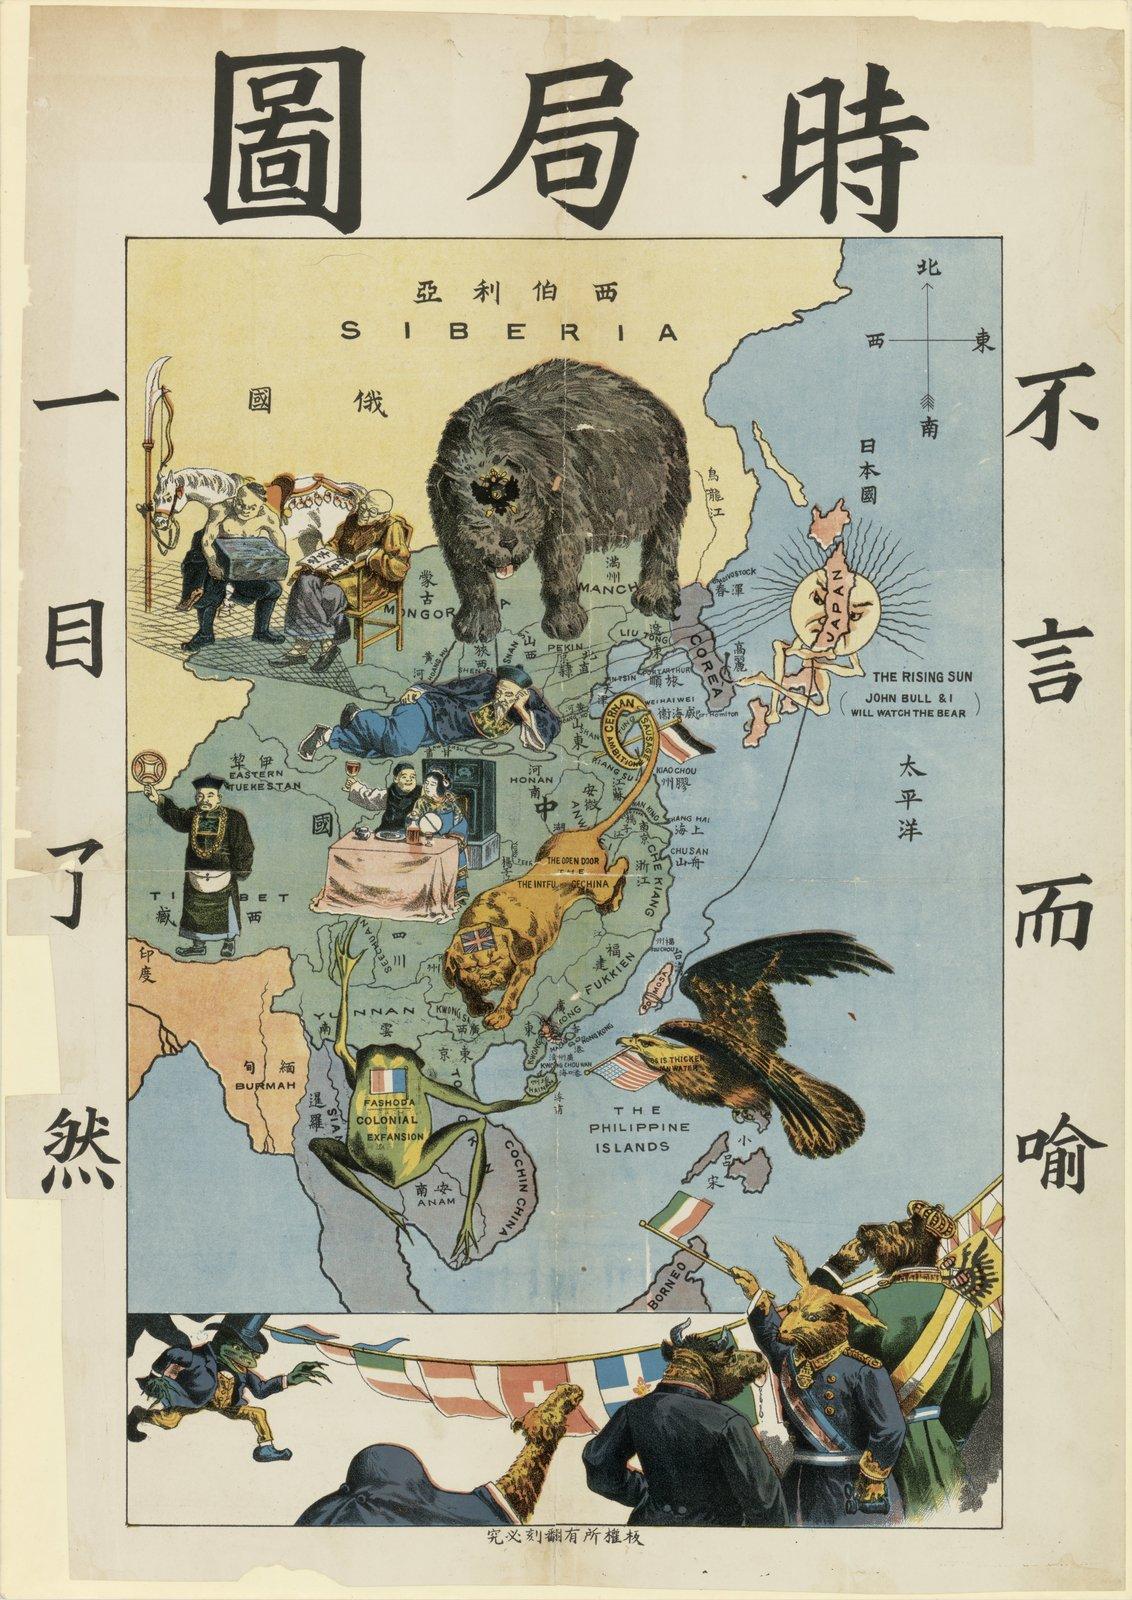 Zasięg wpływów mocarstw europejskich przedstawiony na chińskiej mapie Źródło: Zasięg wpływów mocarstw europejskich przedstawiony na chińskiej mapie, ok. 1900, domena publiczna.